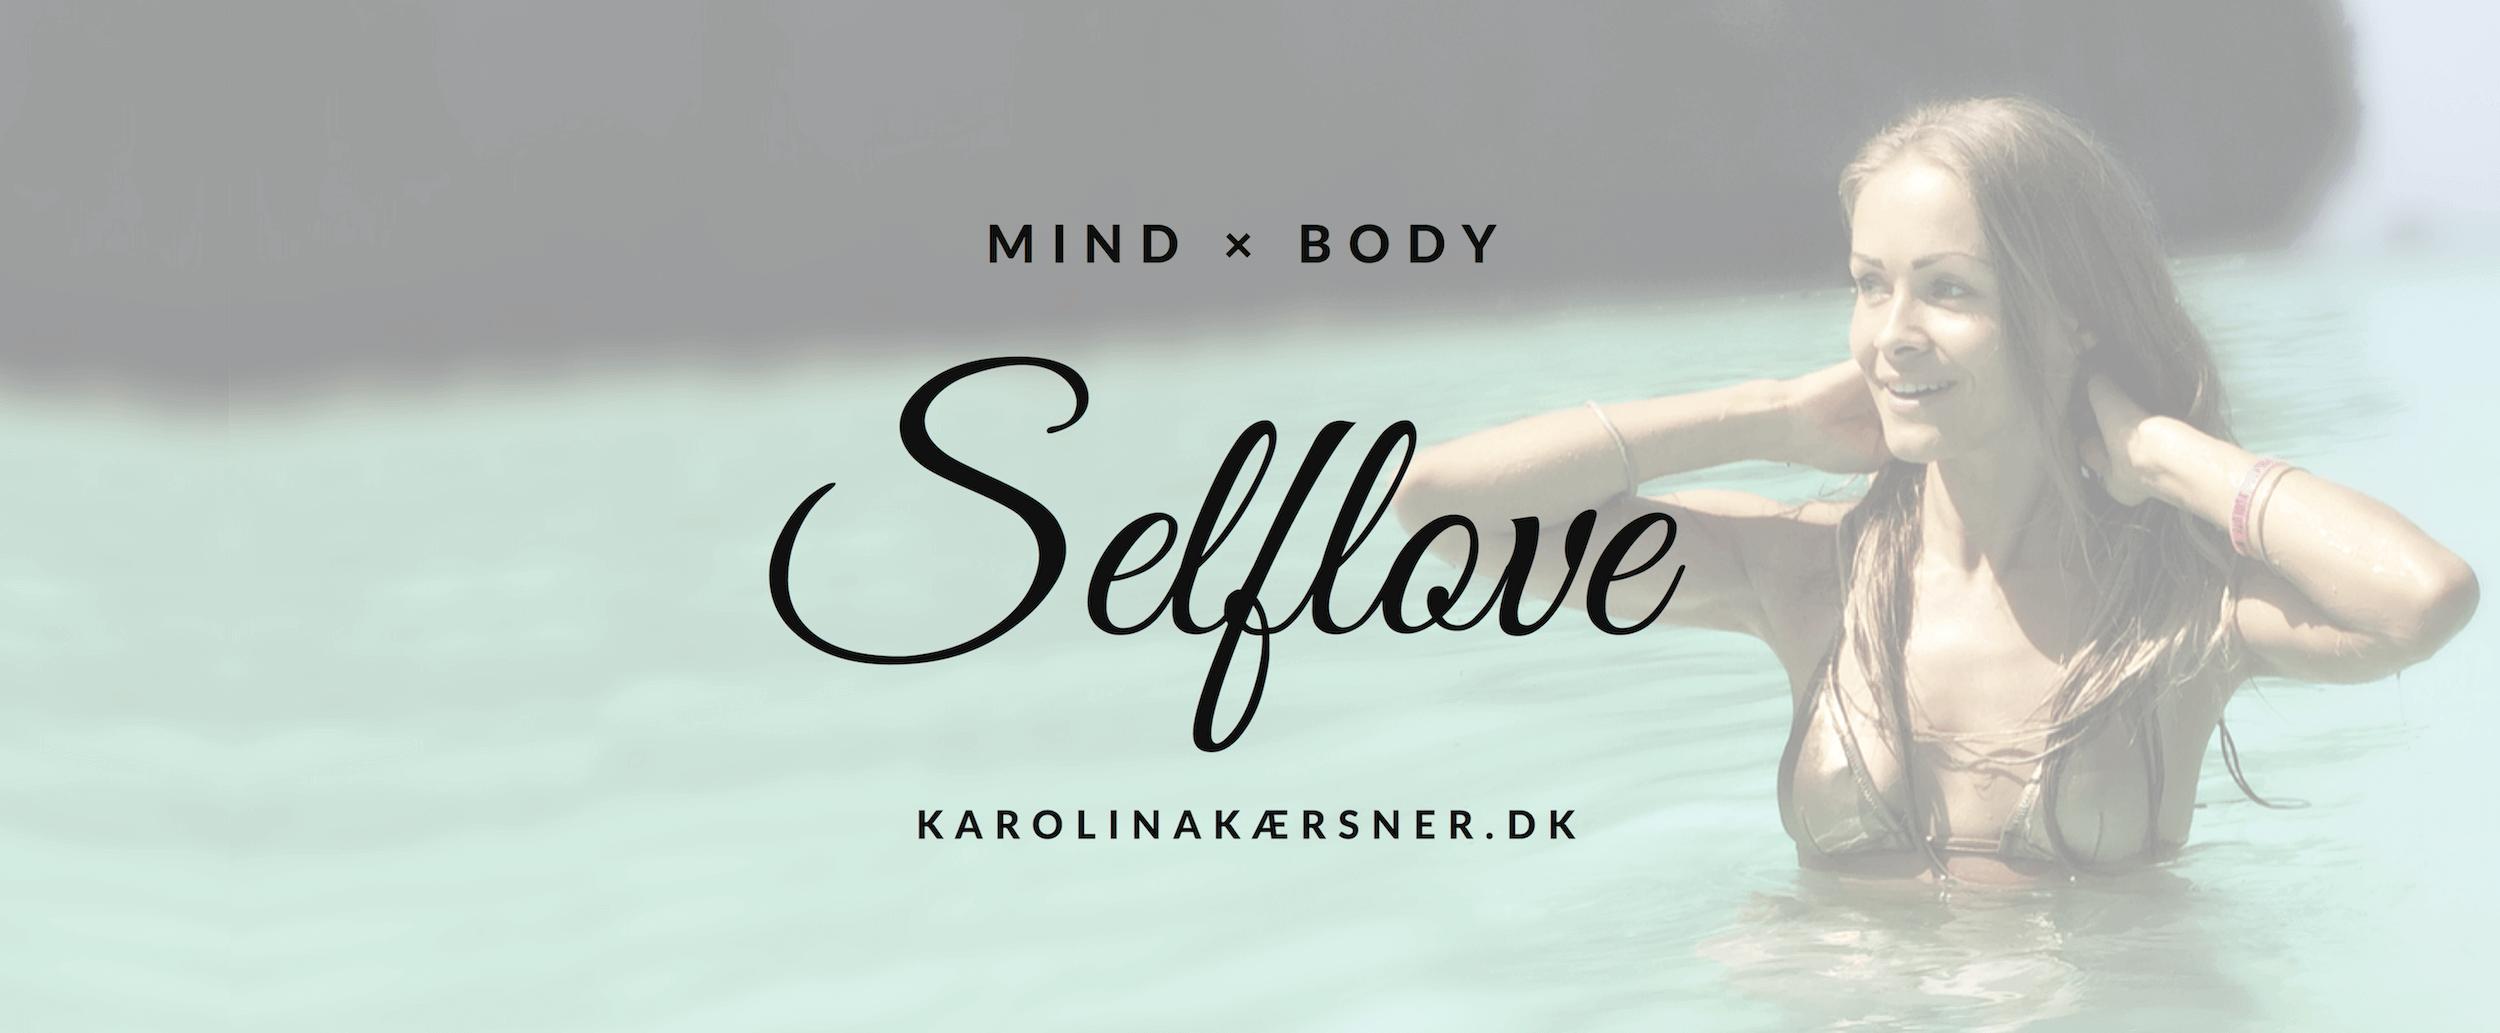 MIND × BODY - Selflove Mini-forløb ved karolina Kærsner